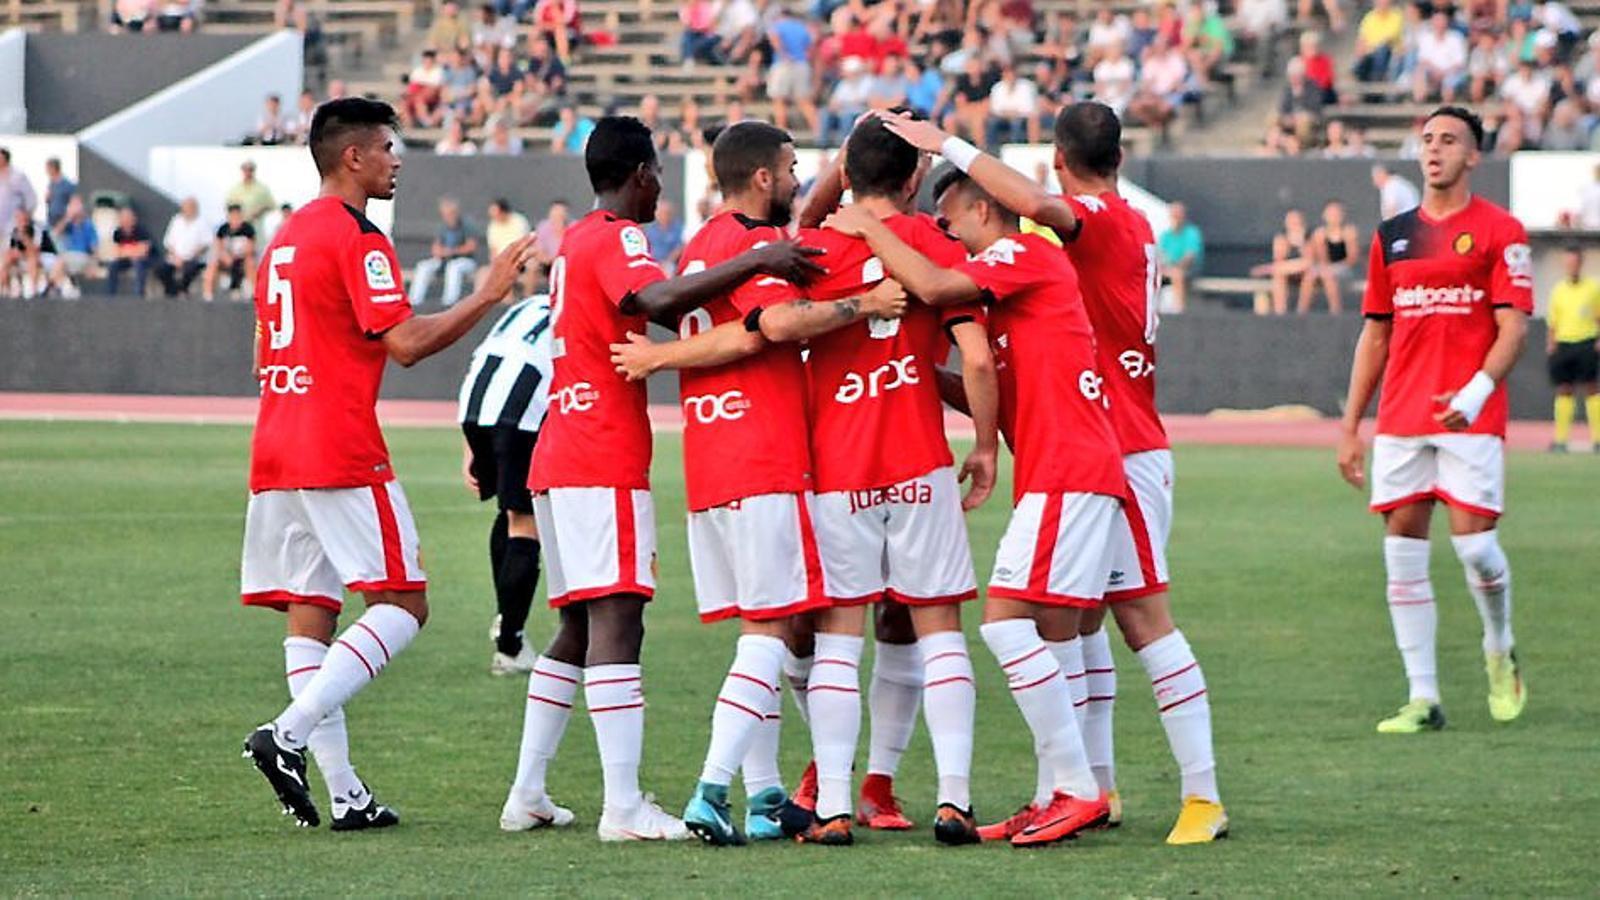 Els jugadors dels Mallorca celebren el gol anotat per Bonilla davant el Linense .